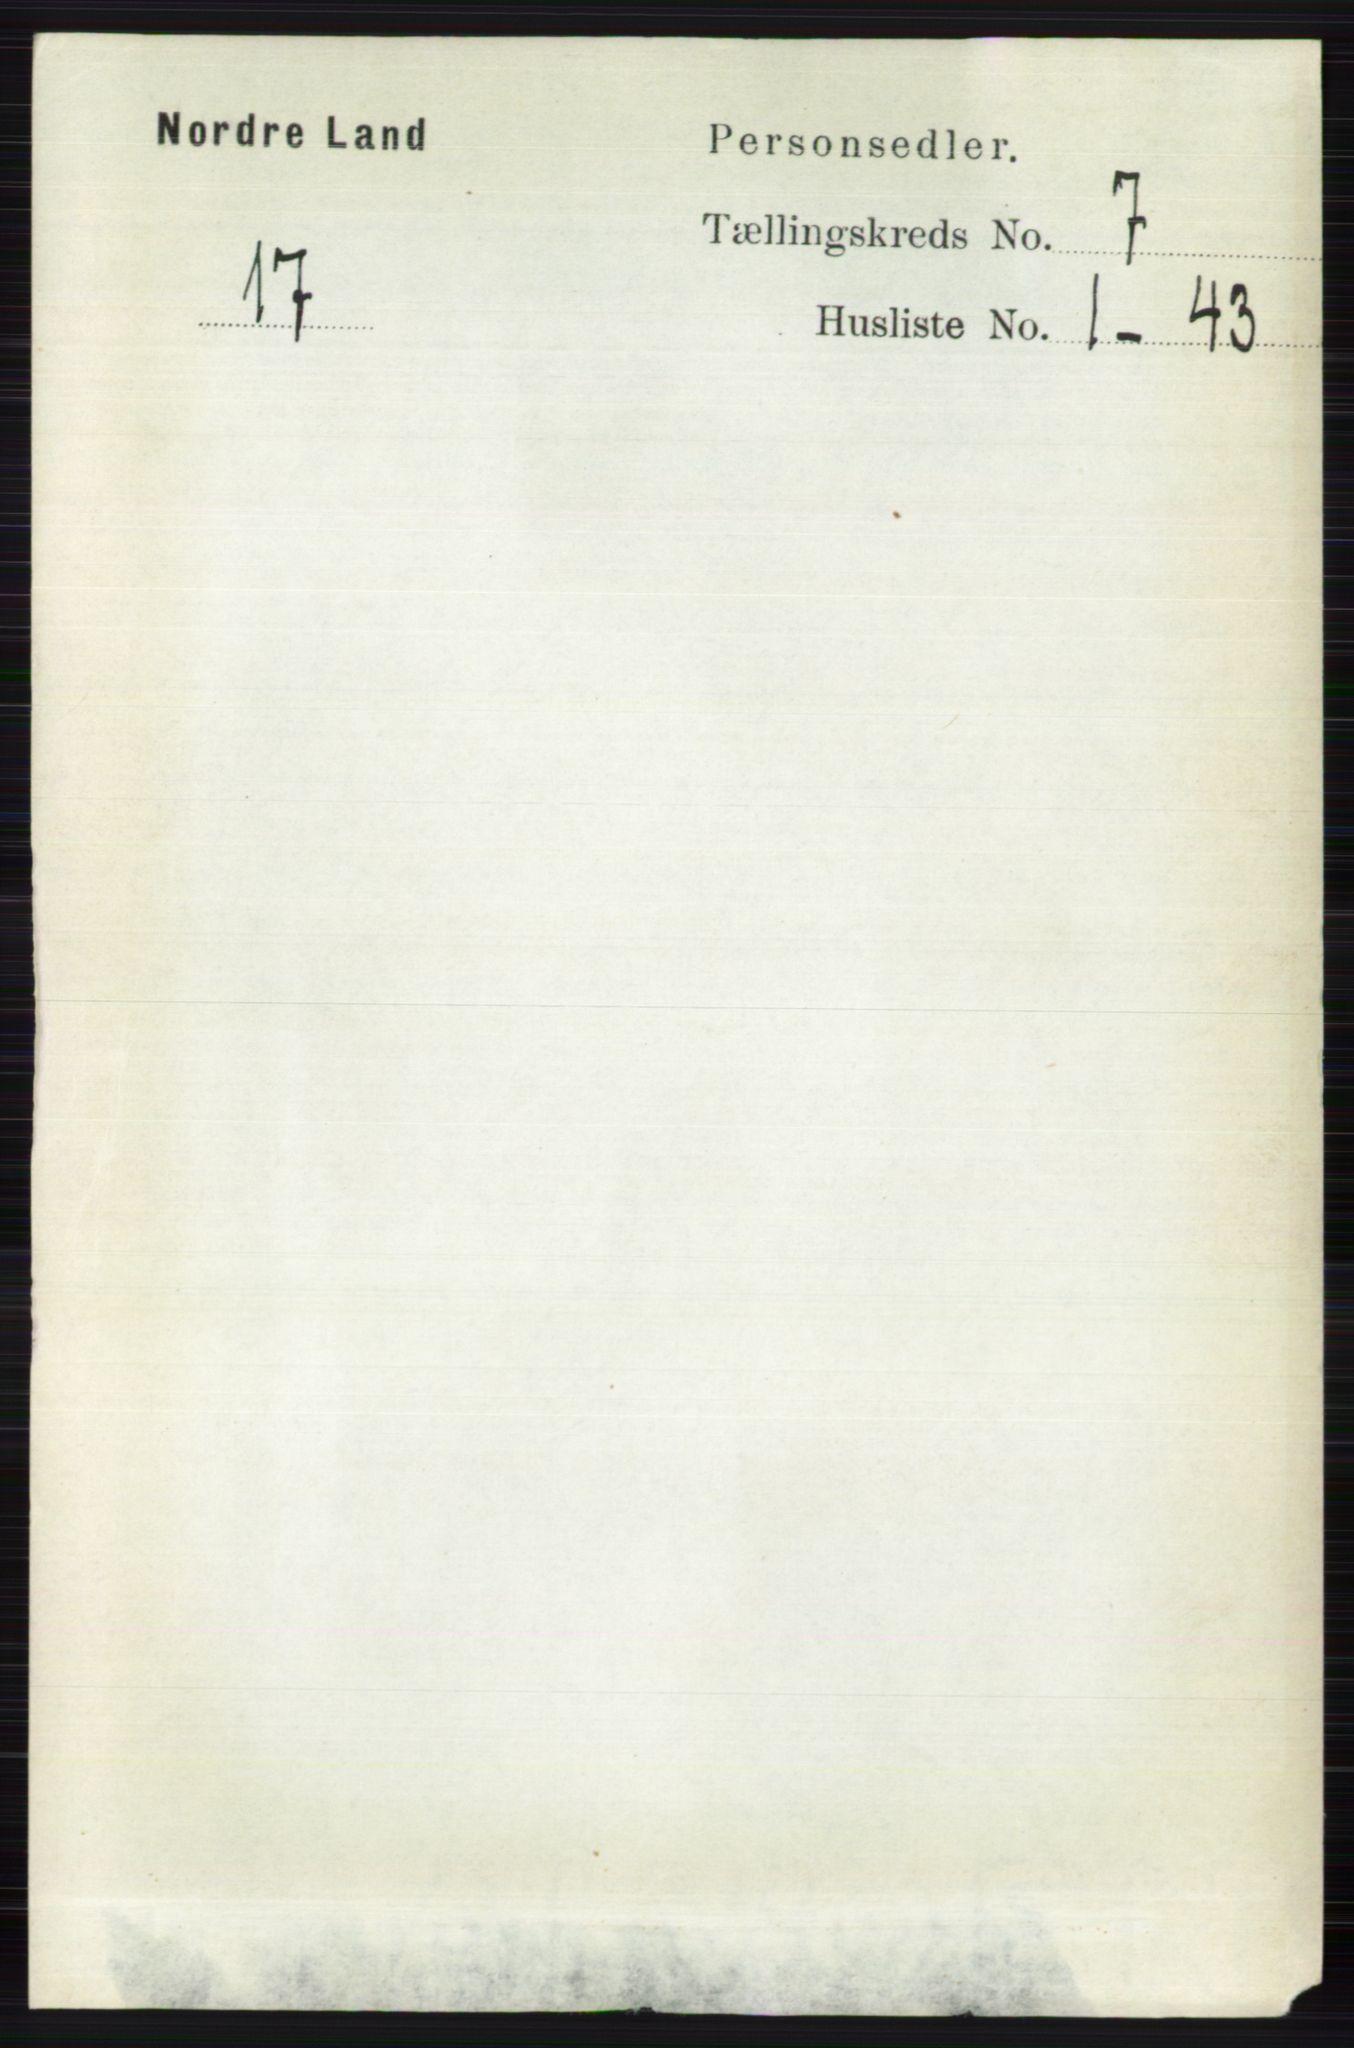 RA, Folketelling 1891 for 0538 Nordre Land herred, 1891, s. 1934